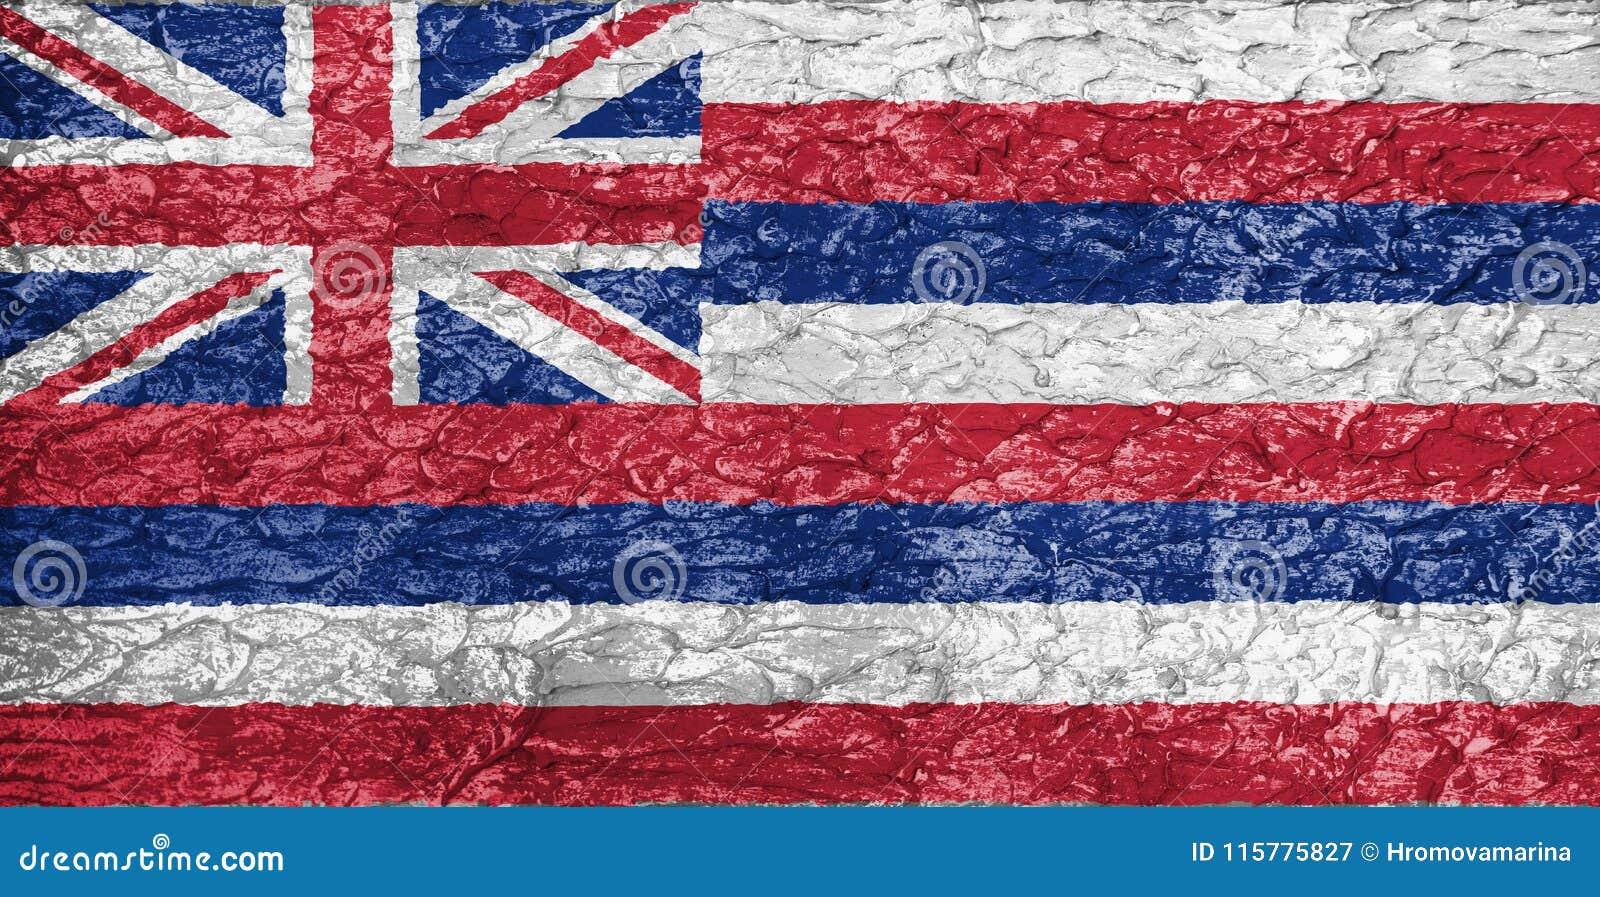 Texture of Hawaii flag